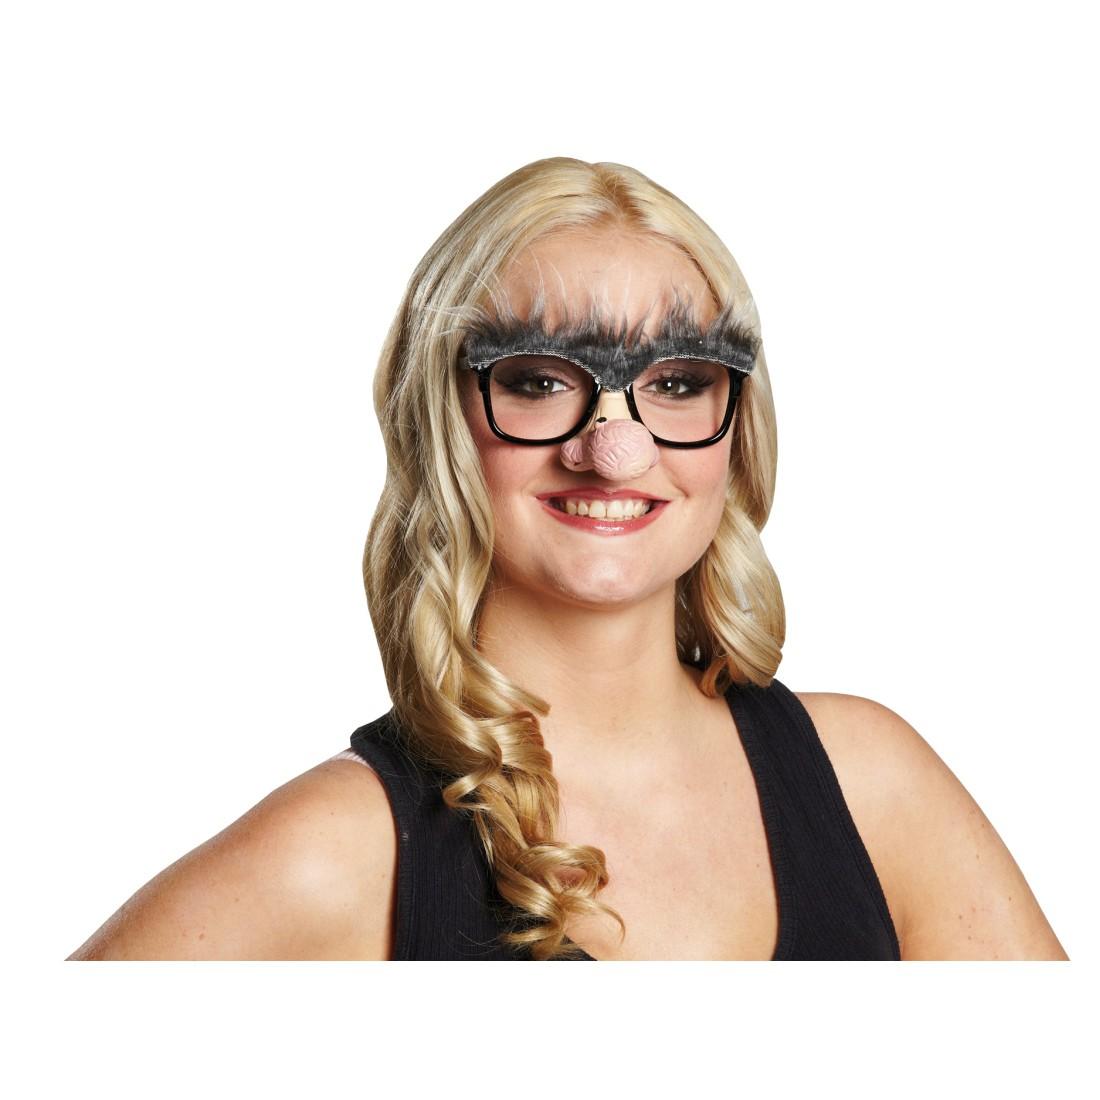 nasenbrille mit augenbrauen opa brille mit nase lustige. Black Bedroom Furniture Sets. Home Design Ideas